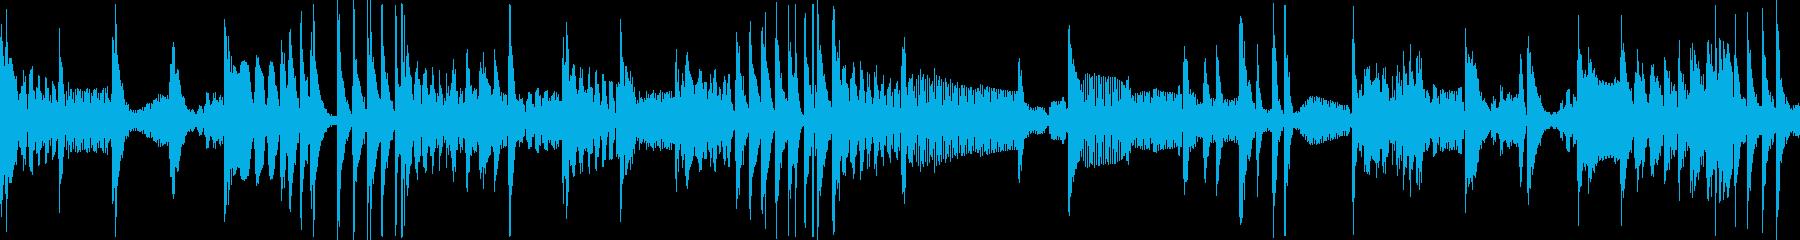 808系HIPHOPリズムループの再生済みの波形